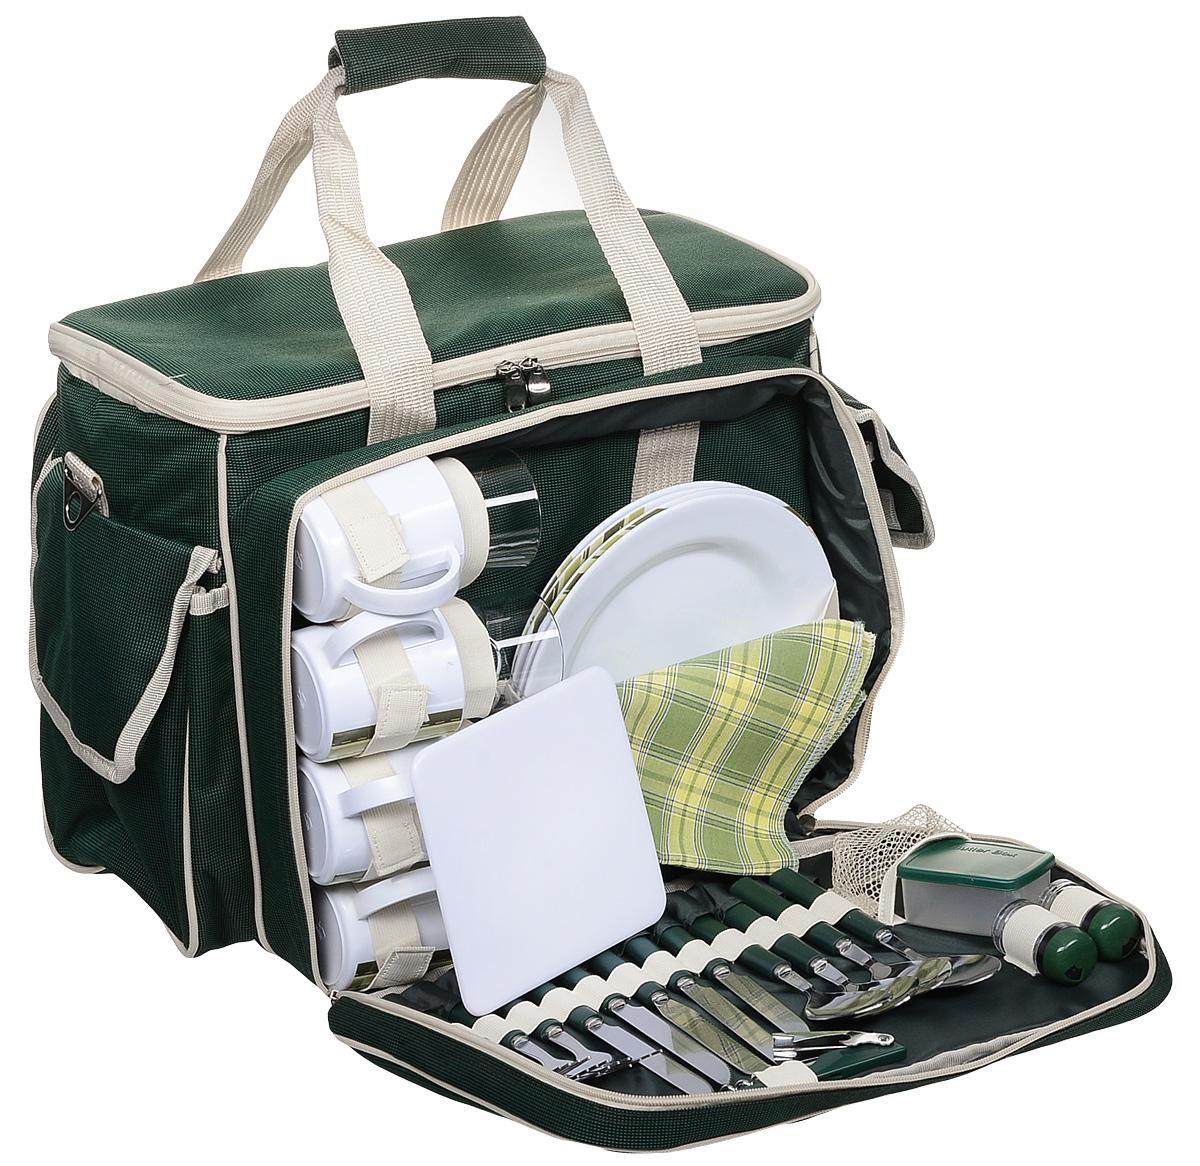 Набор для пикника Green Glade, цвет: зеленый, бежевый, на 4 персоны, 35 предметов. T3134T3134Набор для пикника Green Glade рассчитан на 4 персоны. Предметы набора хранятся во вместительном отделении удобной сумки с регулируемой лямкой и ручками. У сумки одно большое отделение с термоизоляционным слоем. Также имеются три вместительных кармашка. Все предметы набора надежно фиксируются внутри сумки специальными эластичными фиксаторами. В набор входит: - изотермическая сумка-холодильник: 1 шт, объем: 30 л, размер 48 см х 36 см х 33 см, - ножи: 4 шт, длина 20,5 см, - вилки: 4 шт, длина 19 см, - ложки: 4 шт, длина 19 см, - стаканы пластиковые: 4 шт, объем: 250 мл, - чашки пластиковые: 4 шт, объем: 250 мл, - тарелки пластиковые: 4 шт, диаметр 22,5 см, - салфетки хлопковые: 4 шт, - солонка: 1 шт, - перечница: 1 шт, - складной нож со штопором и открывалкой: 1 шт, длина16,5 см, - нож для сыра/масла: 1 шт, длина 19 см, - емкость для сыра/масла: 1 шт, размер 7,5 см х 6 см х 3,5 см, - пластиковая разделочная доска: 1 шт, размер 15 см х 15 см х 0,5 см.Набор для пикника Green Glade обеспечит полноценный отдых на природе для большой компании или семьи. Сумка холодильник поможет сохранить свежесть ваших продуктов до 12 часов (при использовании аккумулятора холода).